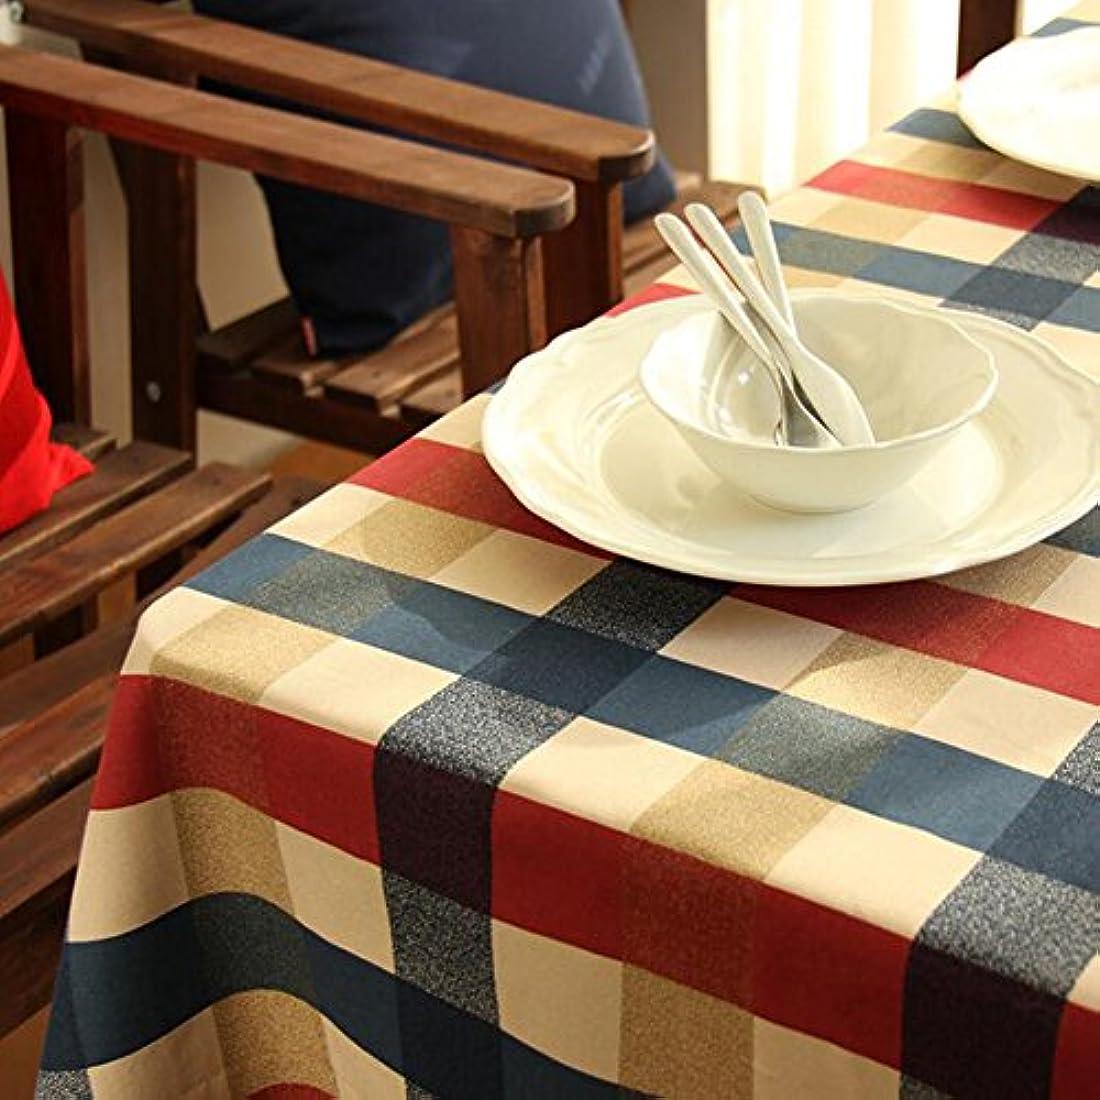 ペルソナステンレスナビゲーションテーブルランナー プレースマット テーブルクロス 格子縞 モダン 北欧 デスクマット マット マルチクロス マルチカバー テーブルクロス ソファカバー ソファー70x70cm